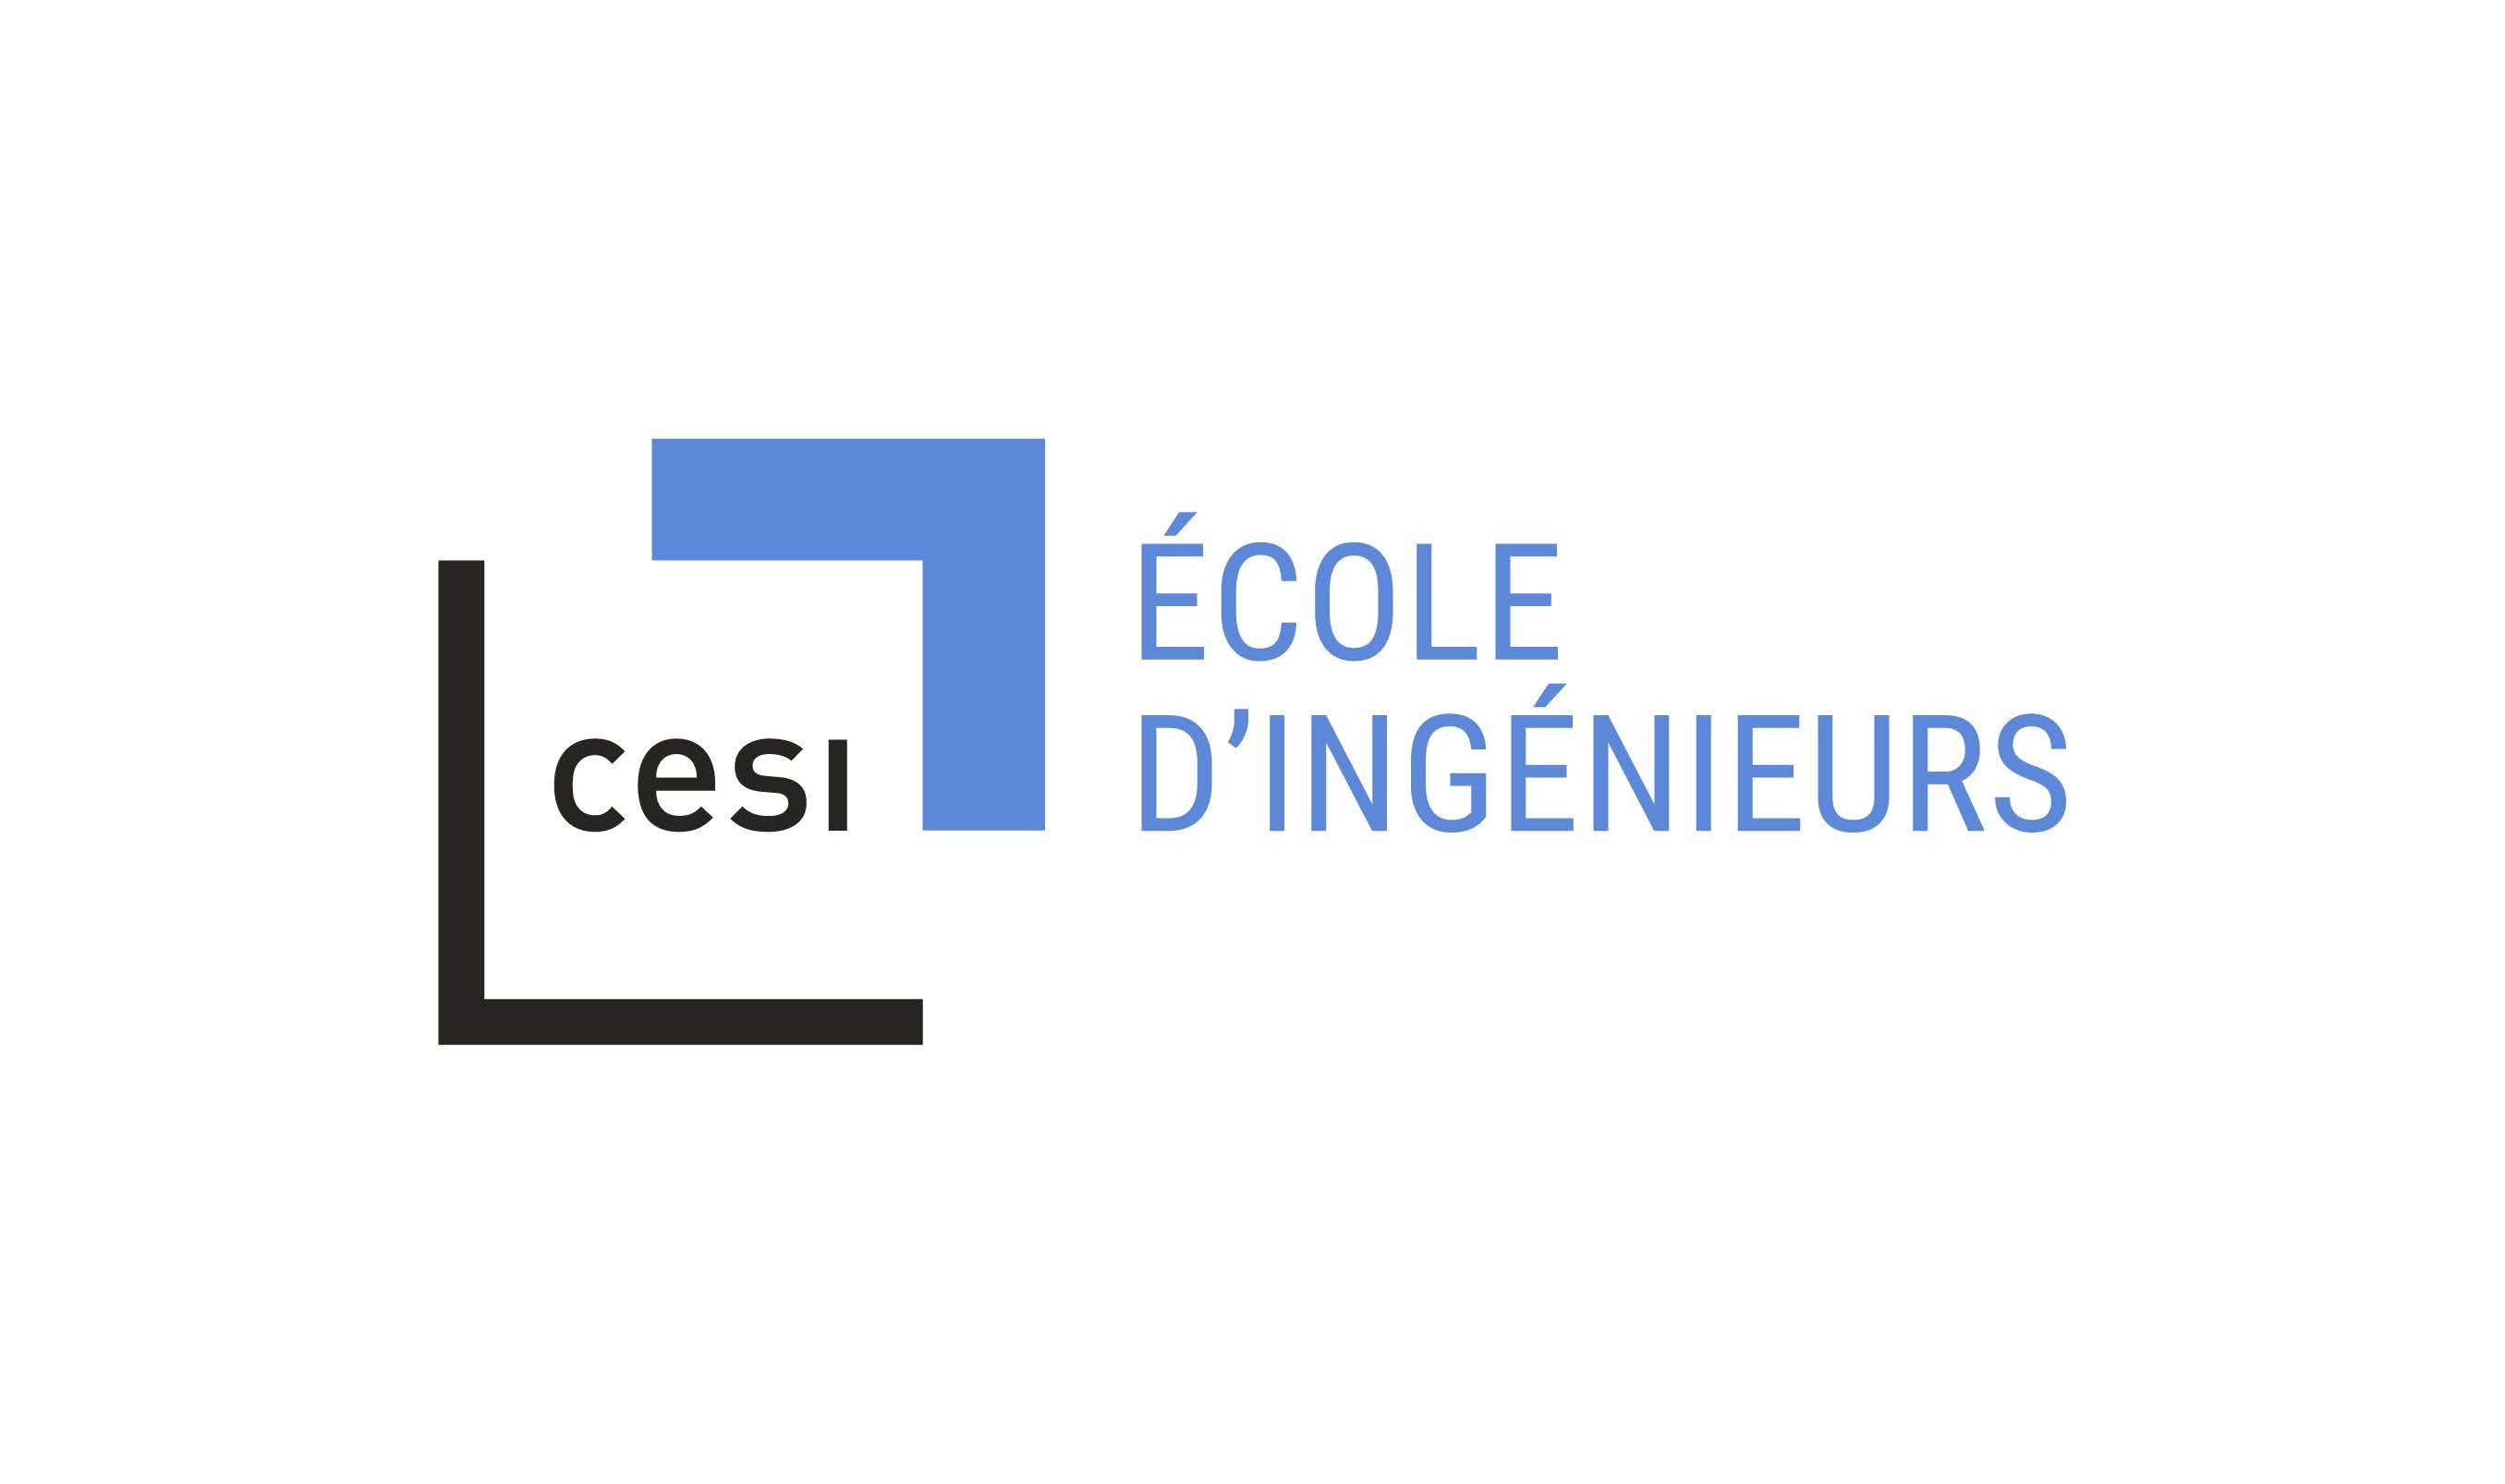 CESI Ecole d'Ingénieurs